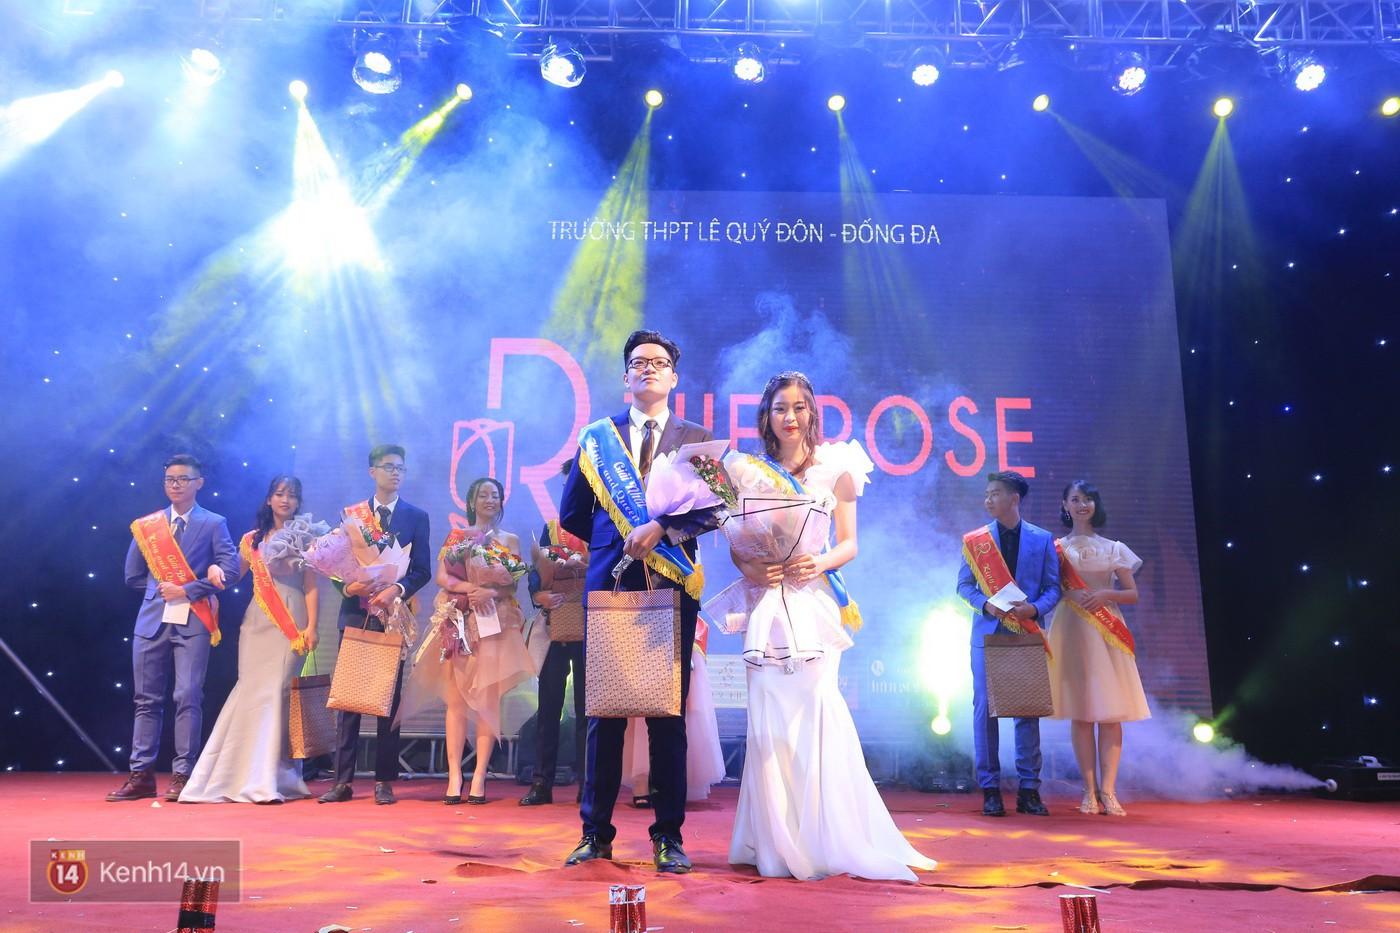 Trai xinh gái đẹp trường Lê Quý Đôn (Hà Nội) quẩy tưng bừng trong prom chào mừng 20/11 - Ảnh 22.